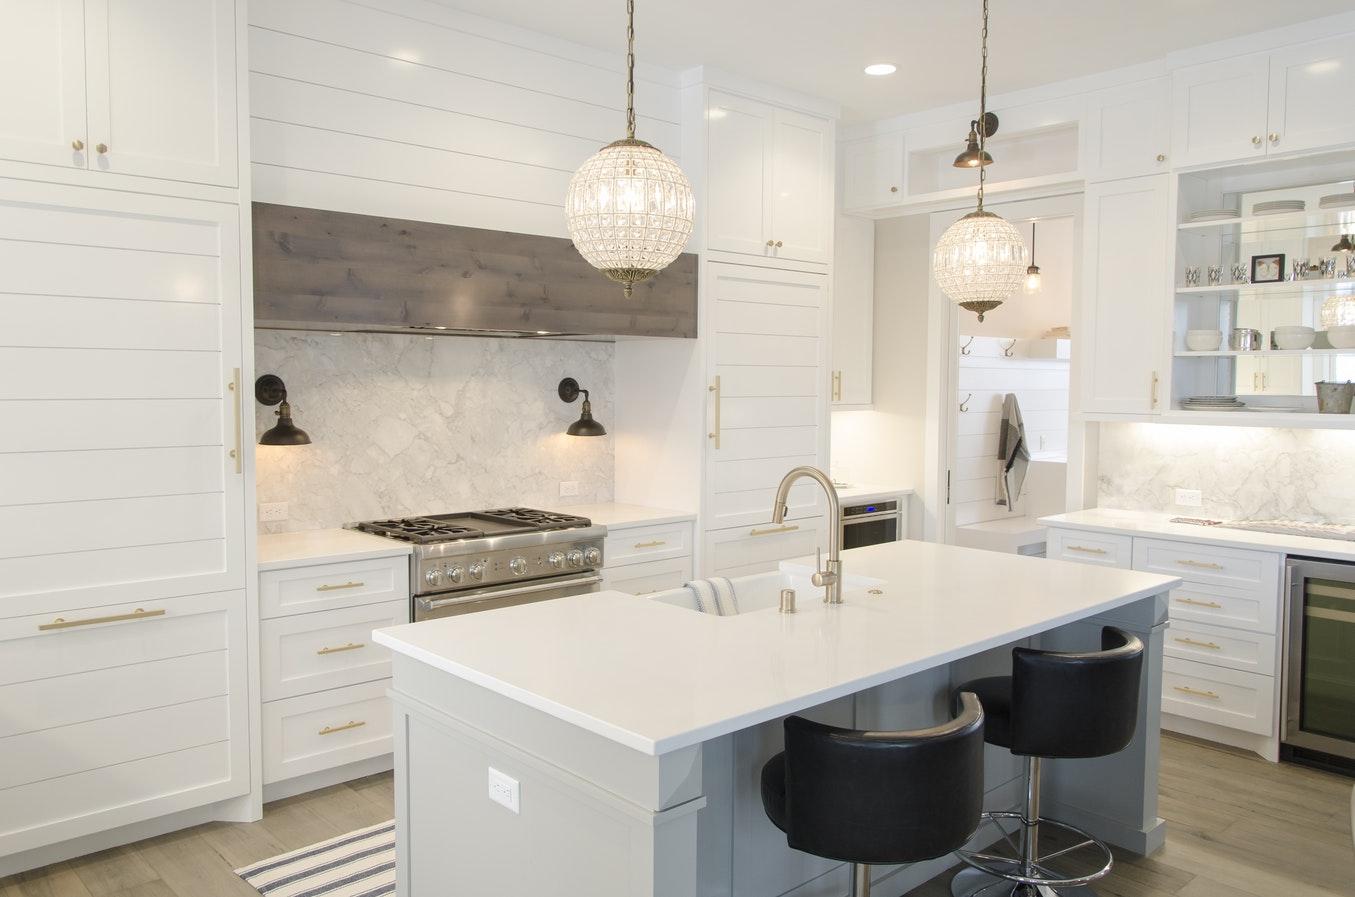 Refaire Une Cuisine À Moindre Frais rénover sa cuisine pour augmenter la valeur de sa maison ou